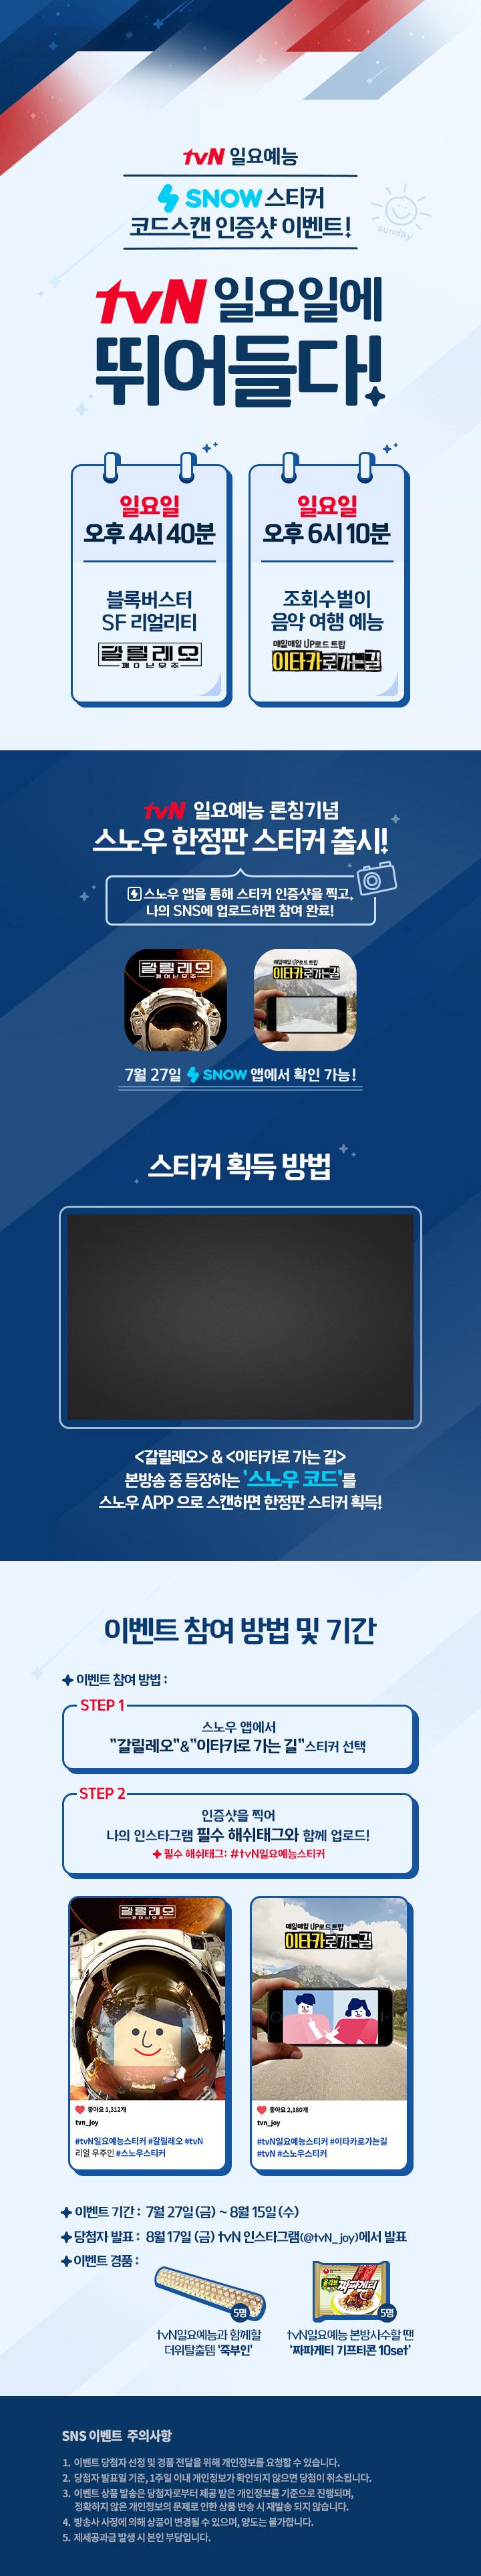 tvN 코드스캔이벤트